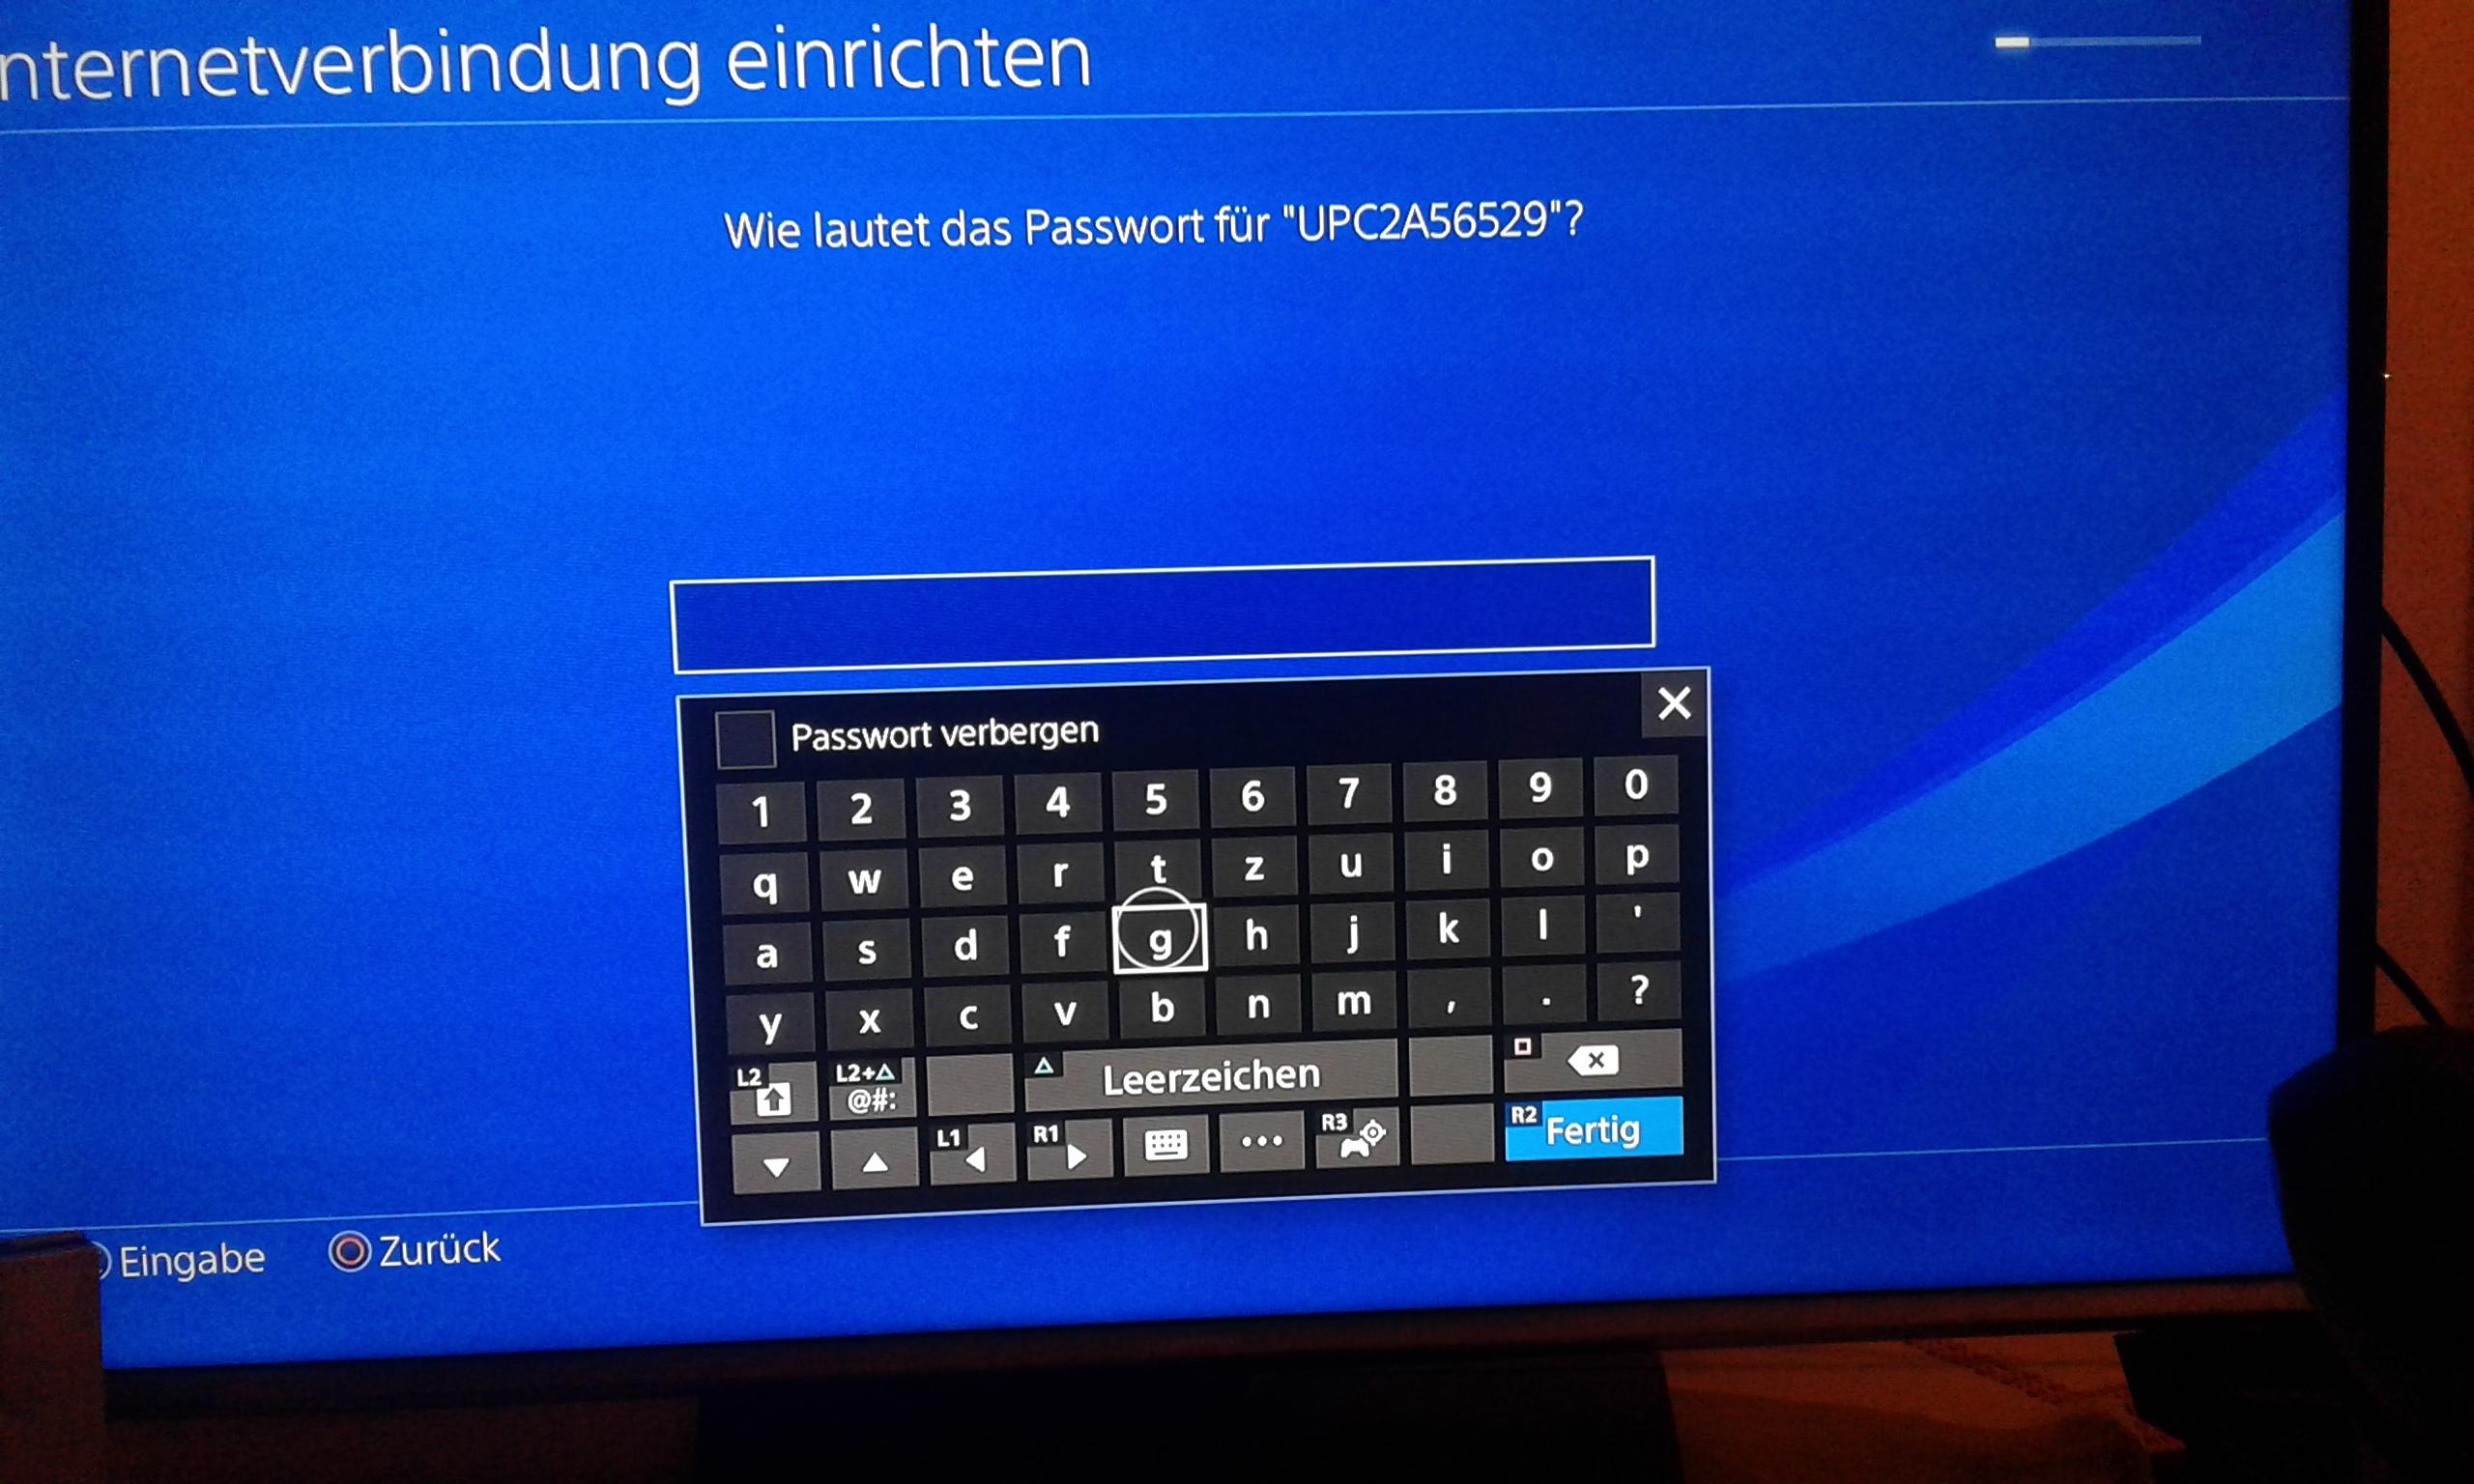 PS4 KANN KEINEN Buchstaben weckseln?